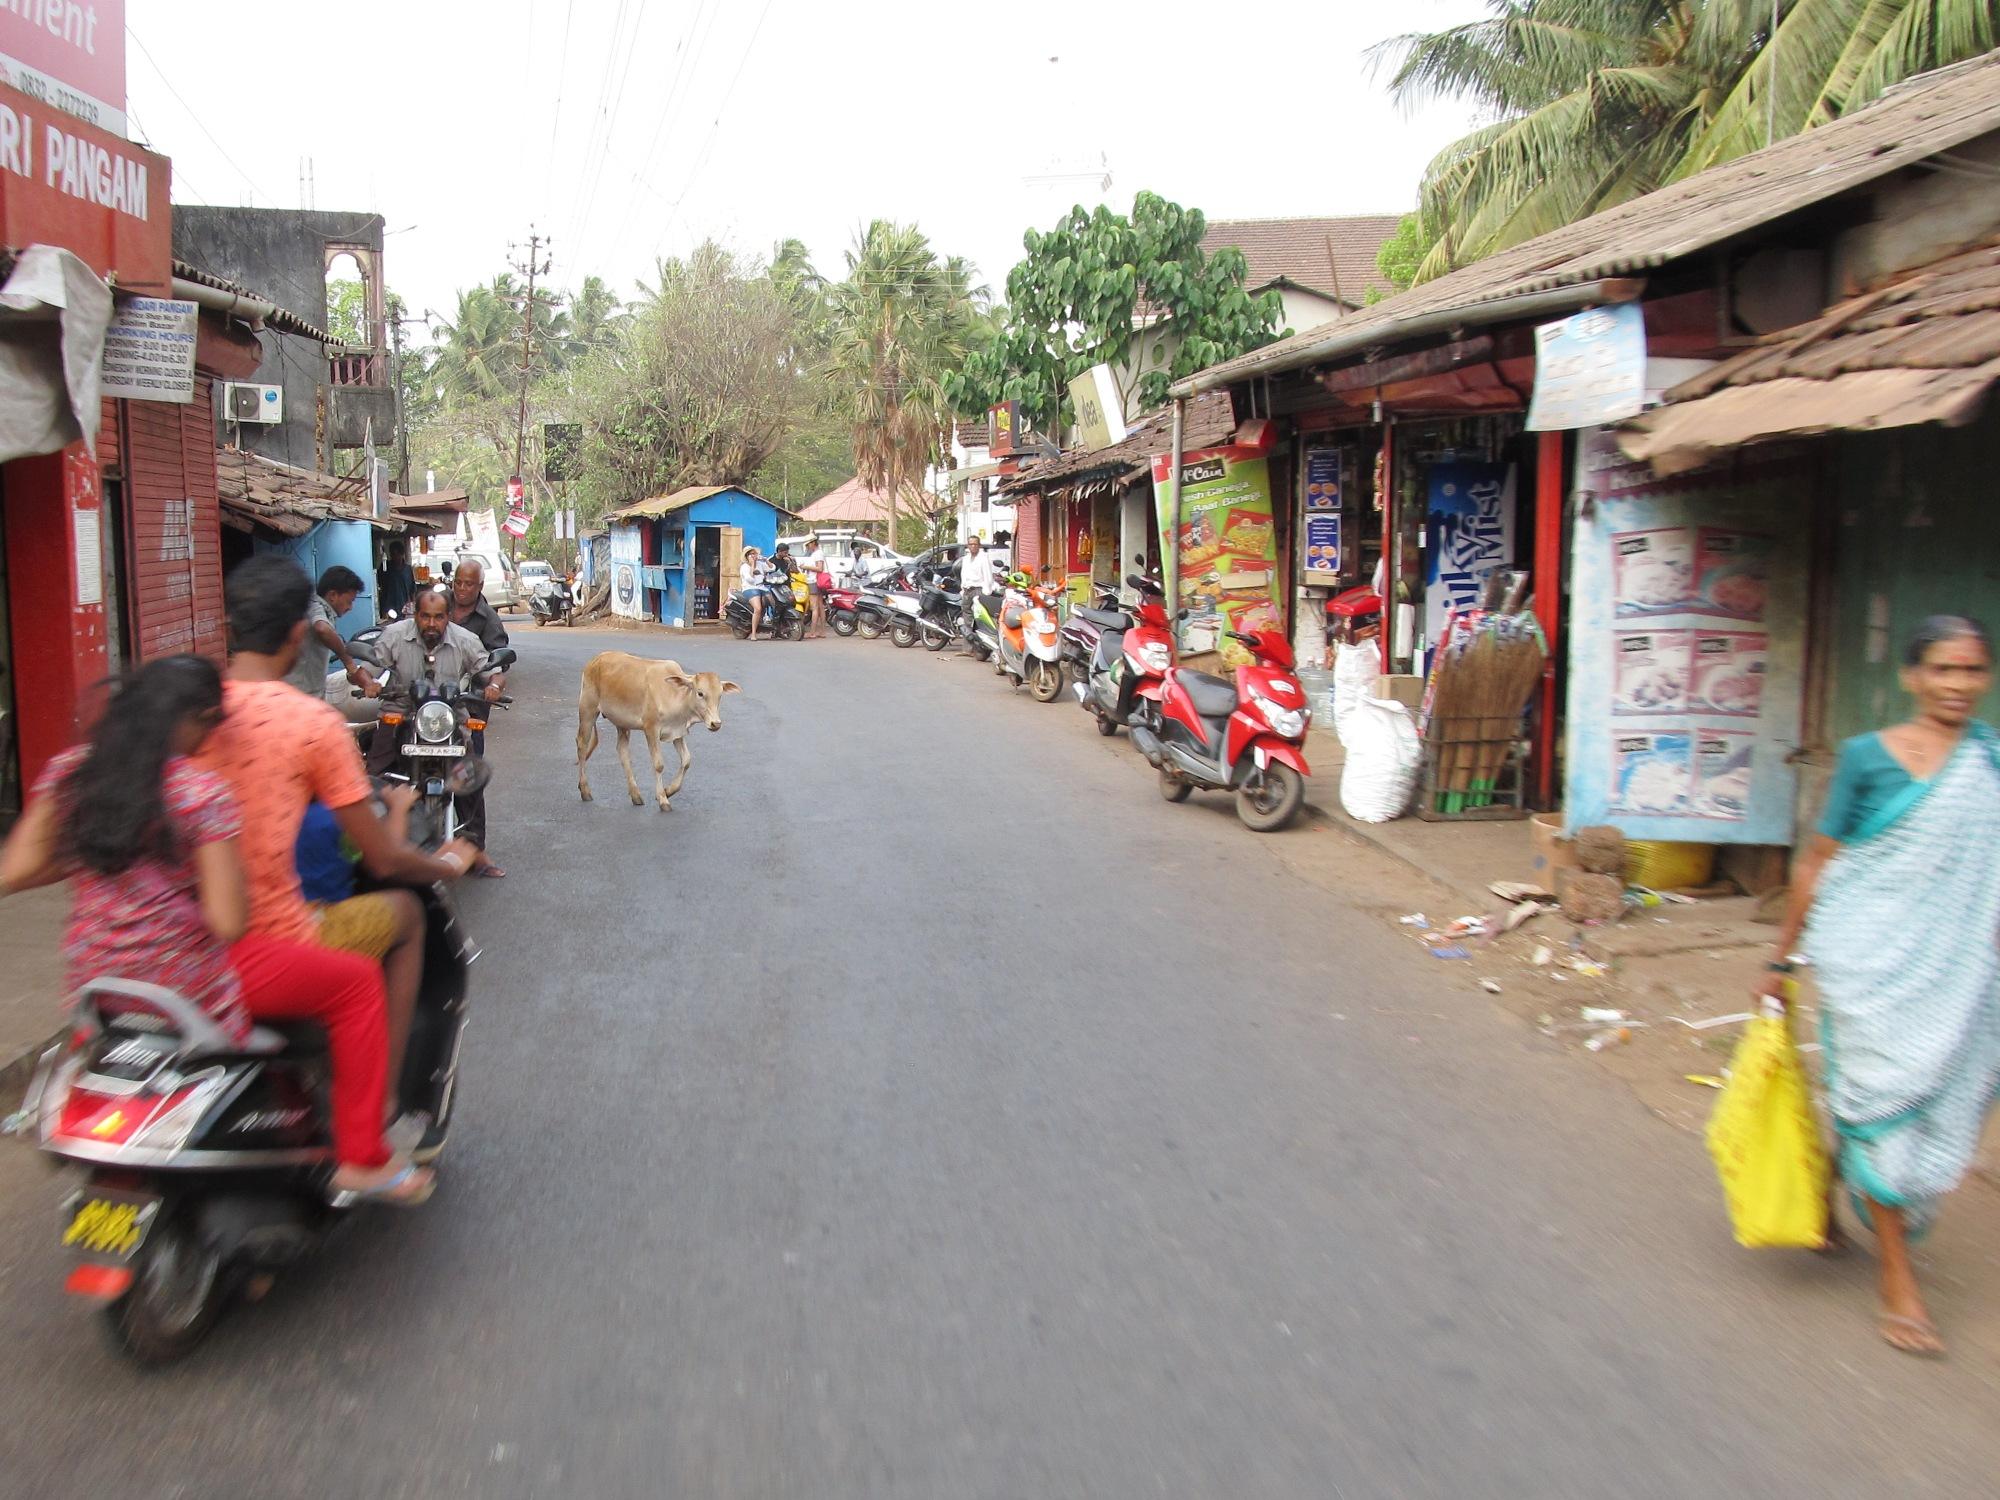 Street scene, Goa